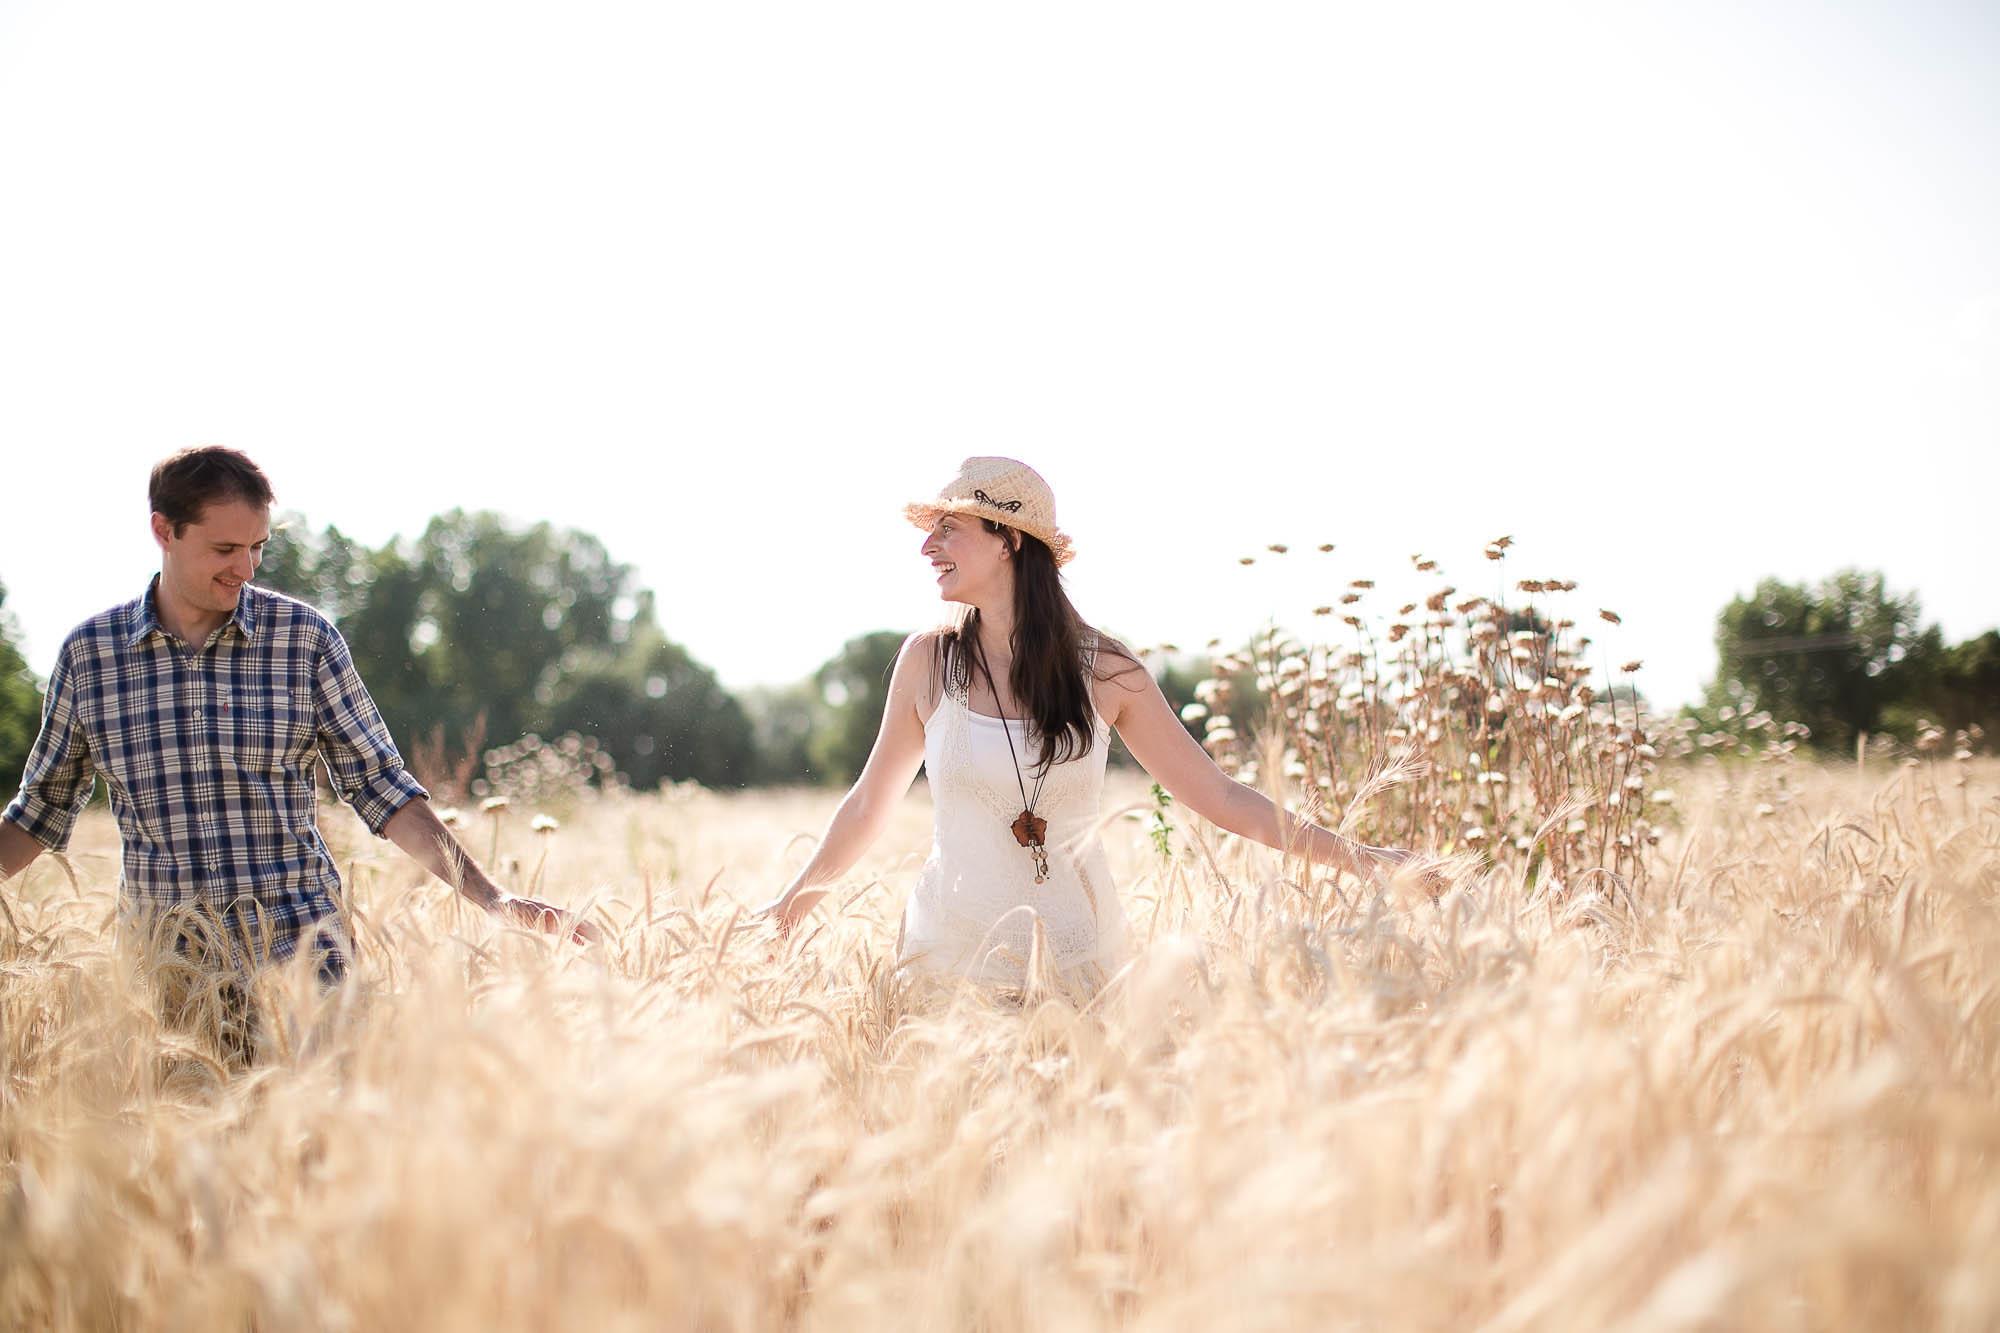 Ellos se divierten juntos paseando en medio del campo